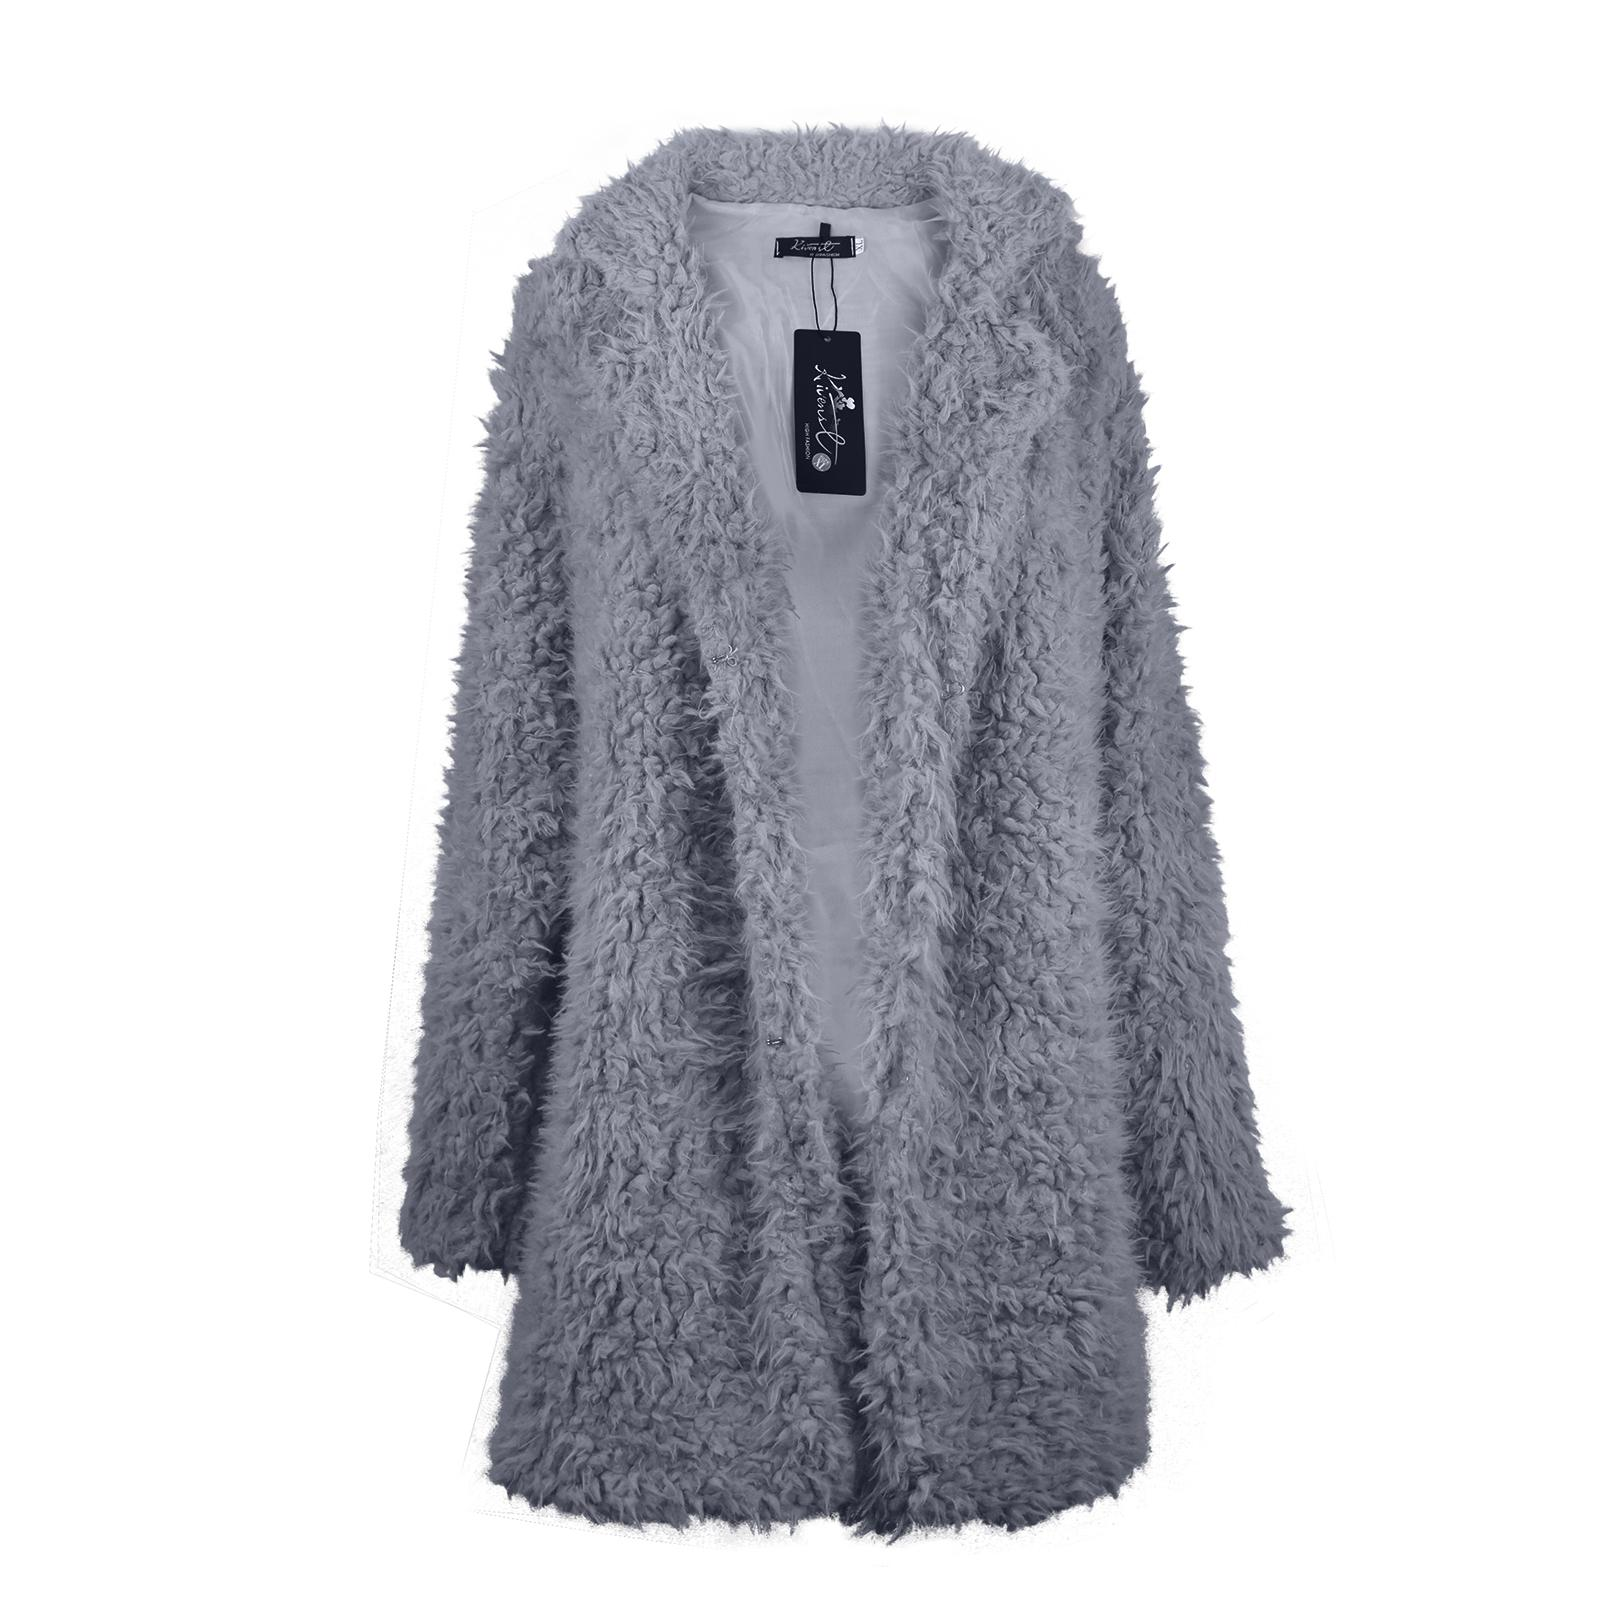 Cappotto di pelliccia delle donne autunno inverno 2016 cappotto cardigan manica lunga femminile cappotto caldo sottile donne calde cappotti outwear